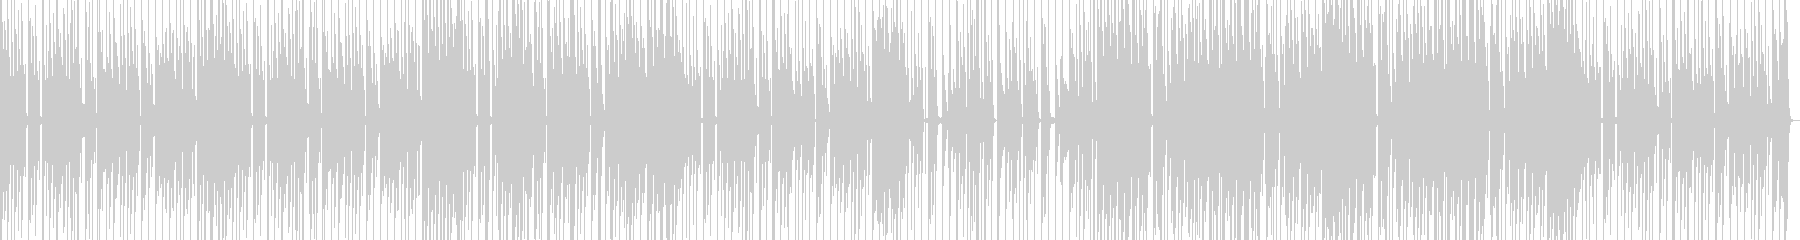 洋楽ポップスのようなおしゃれトラックの未再生の波形